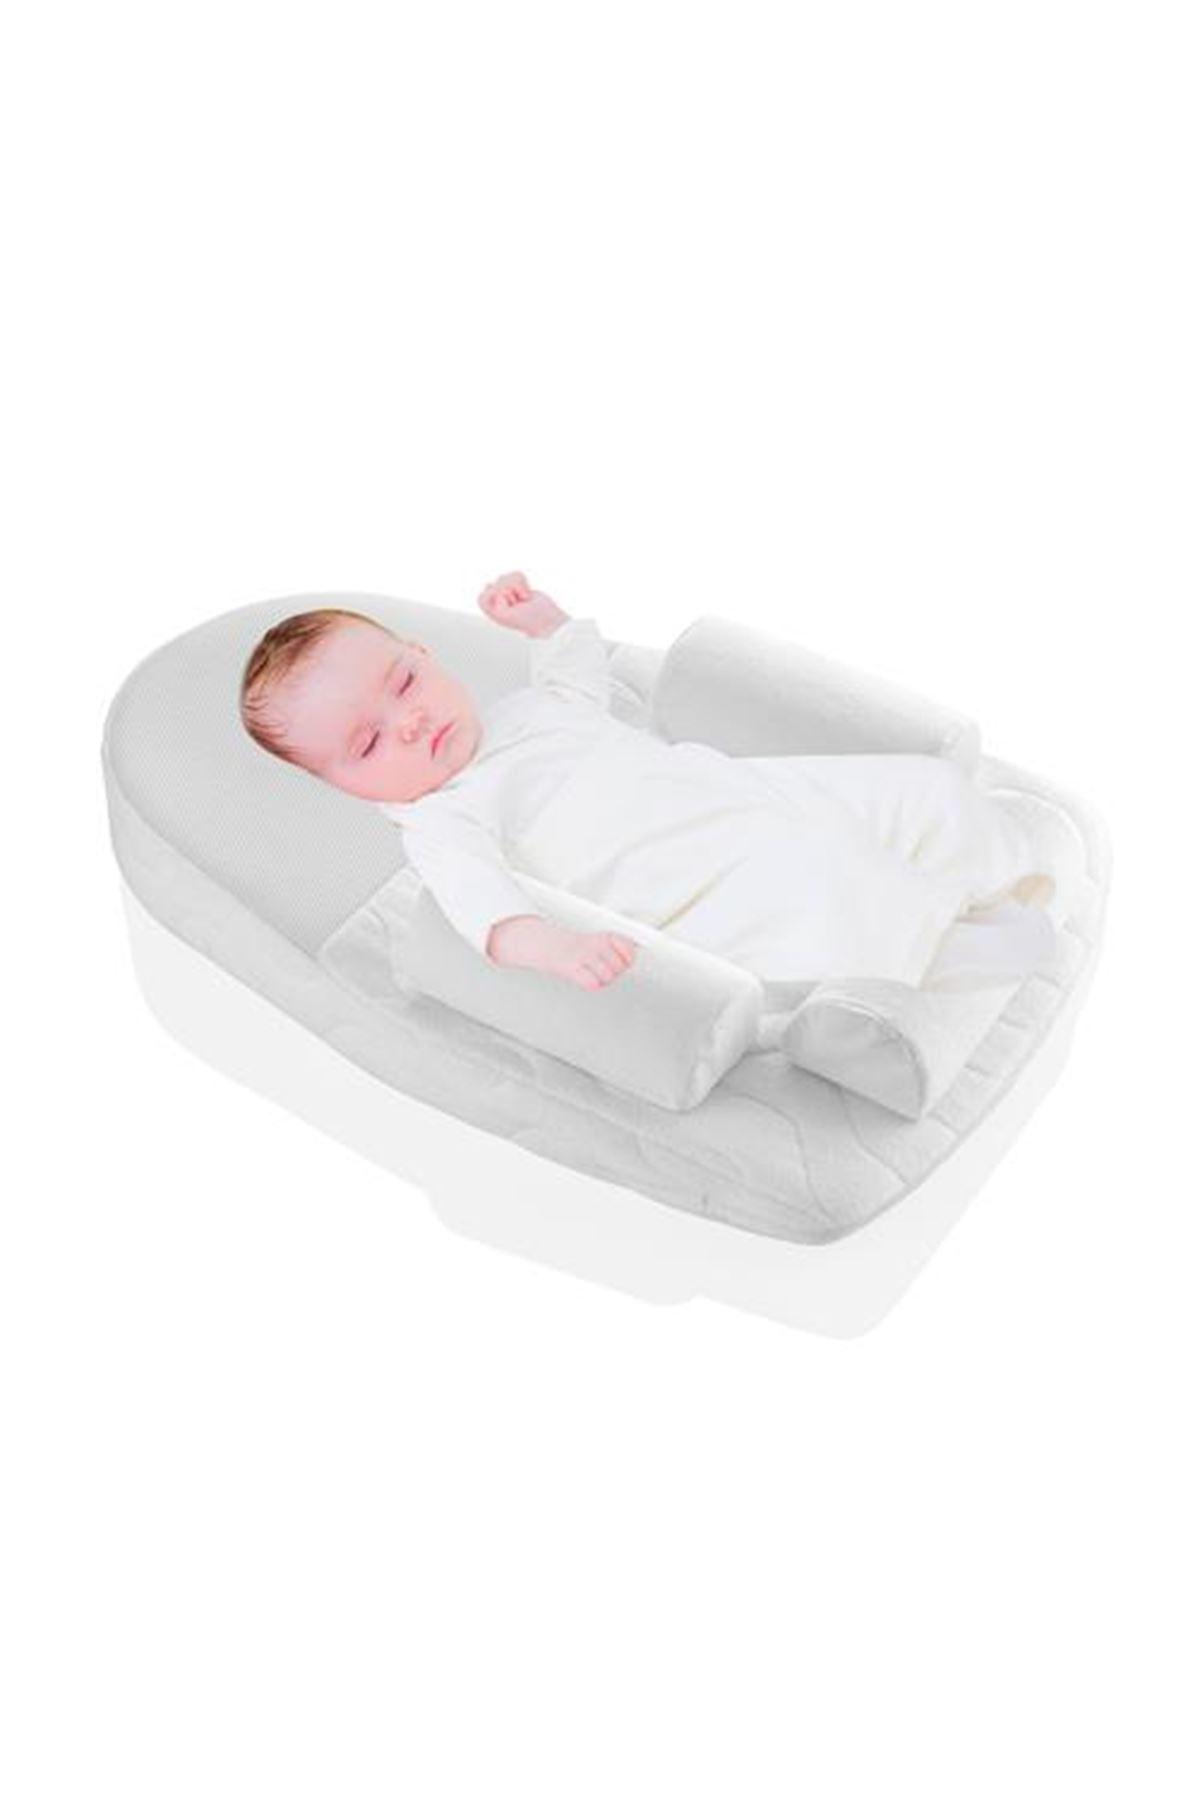 BabyJem Antikolik Uyku Yastığı Air 426 Beyaz